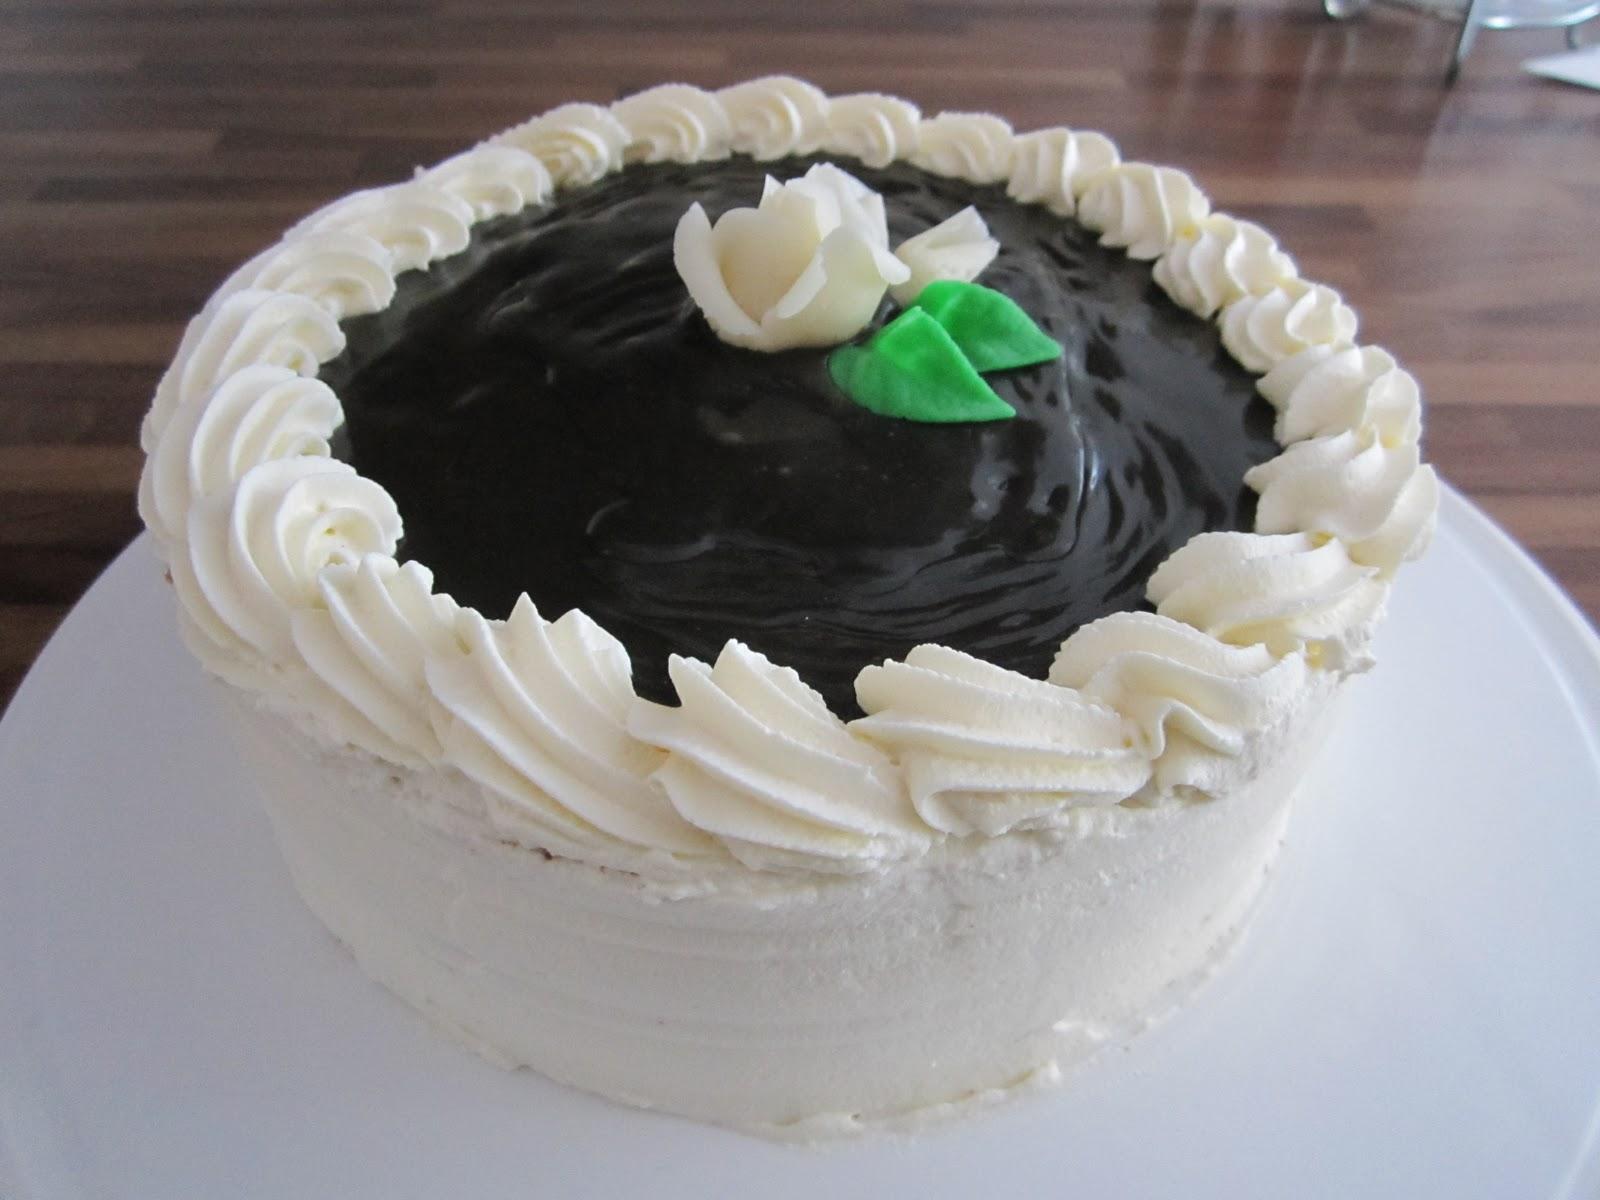 lakritsfyllning till tårta